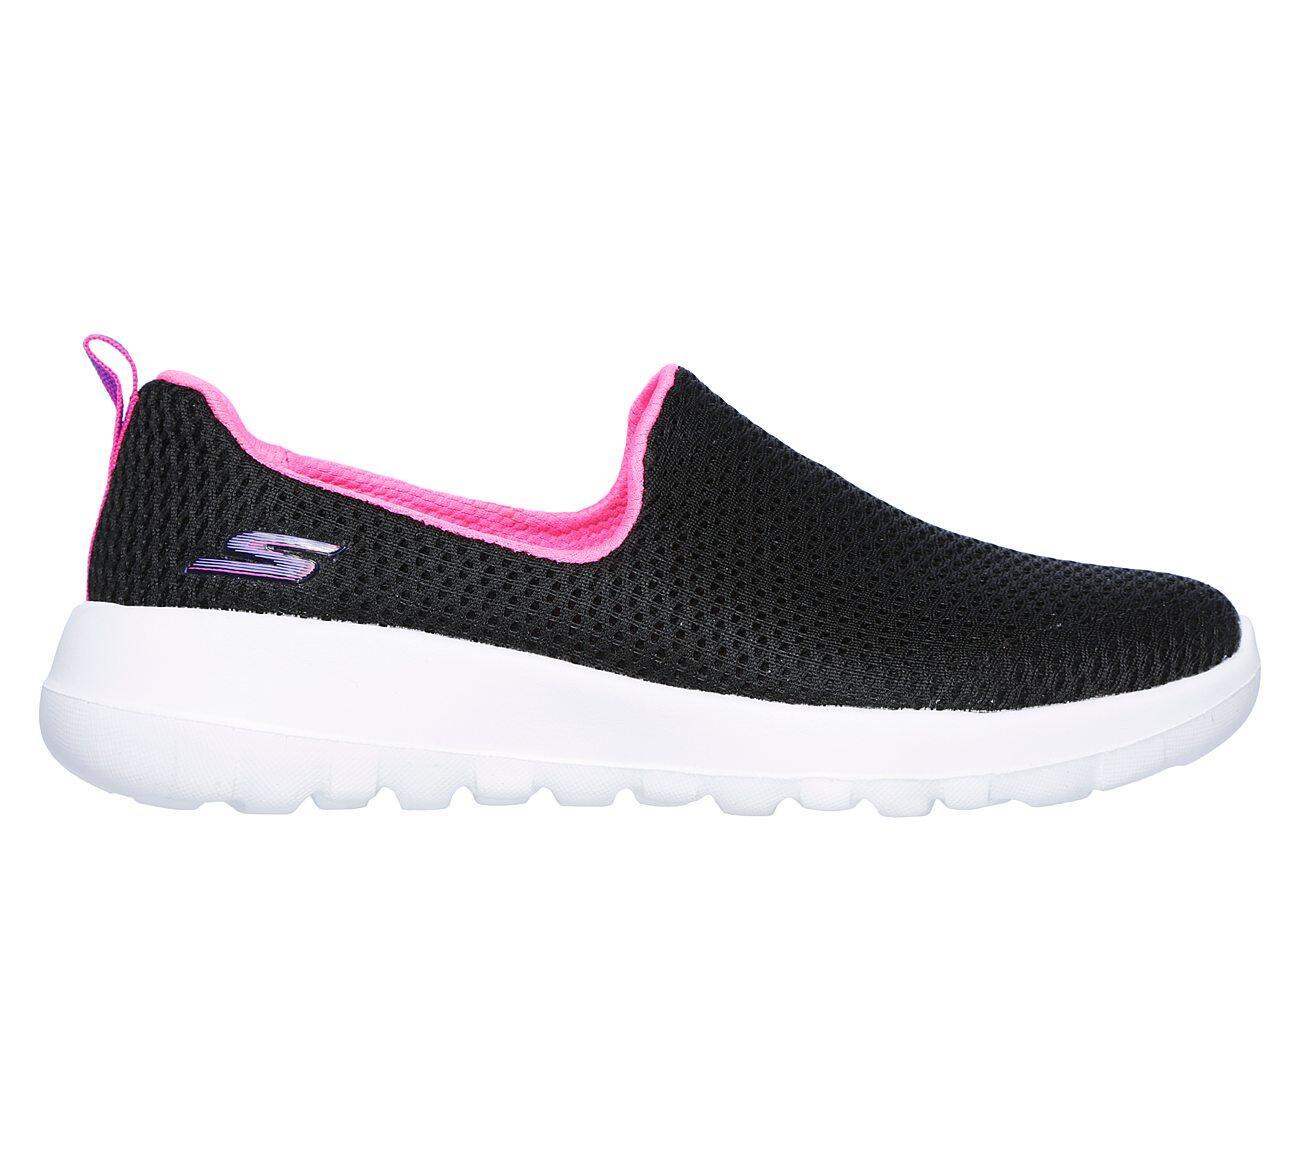 Skechers Girl GO WALK JOY SKECHERS GIRLS - 81189L-BKW